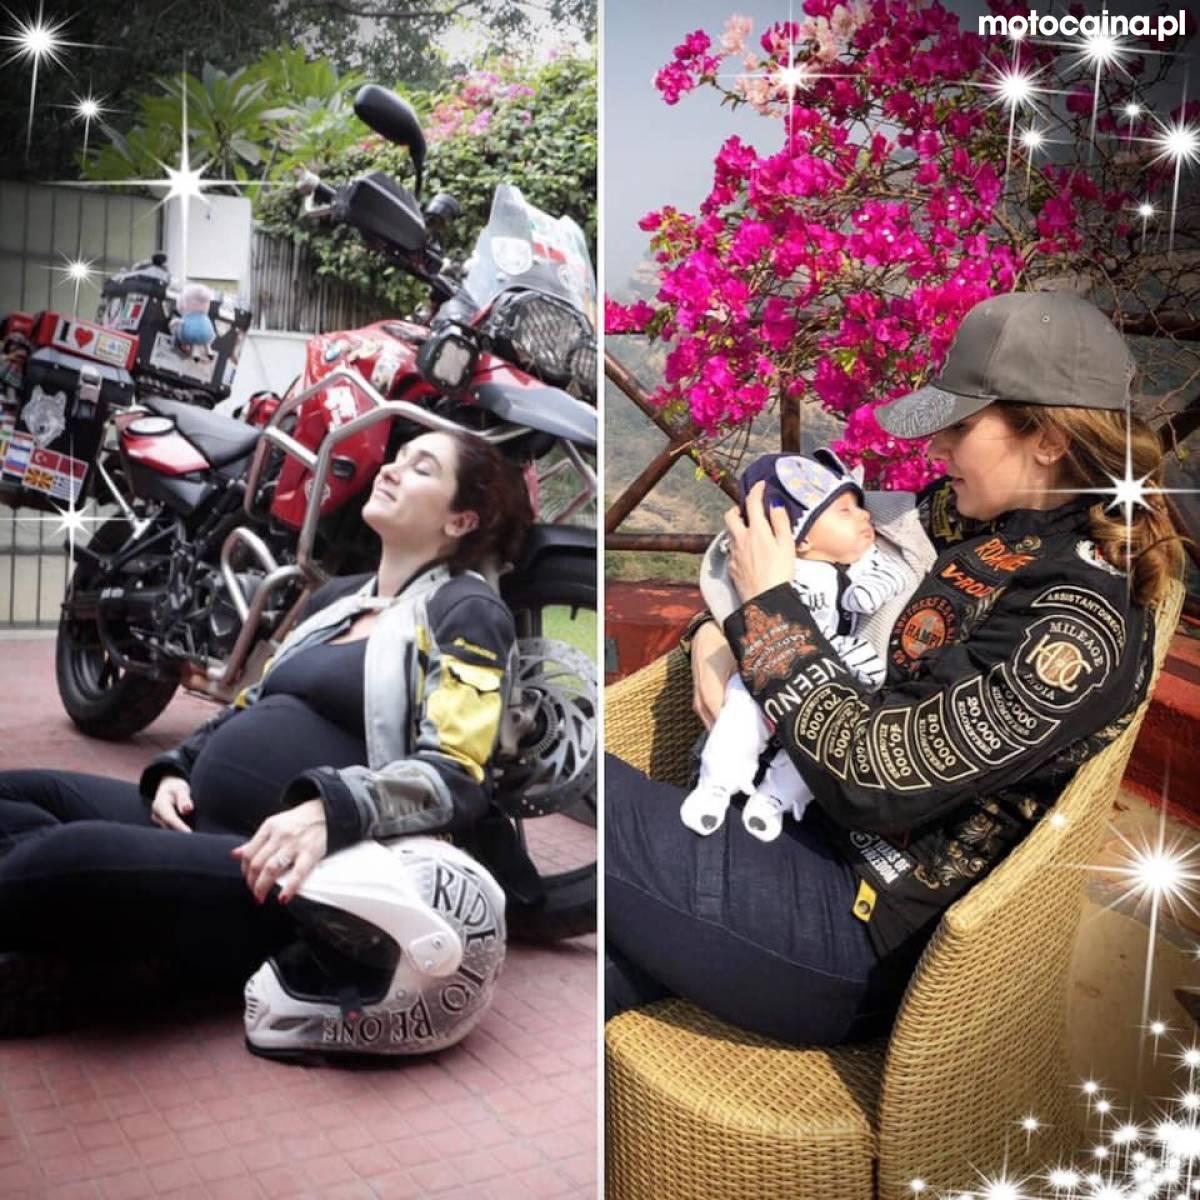 на мотоцикле по всему миру